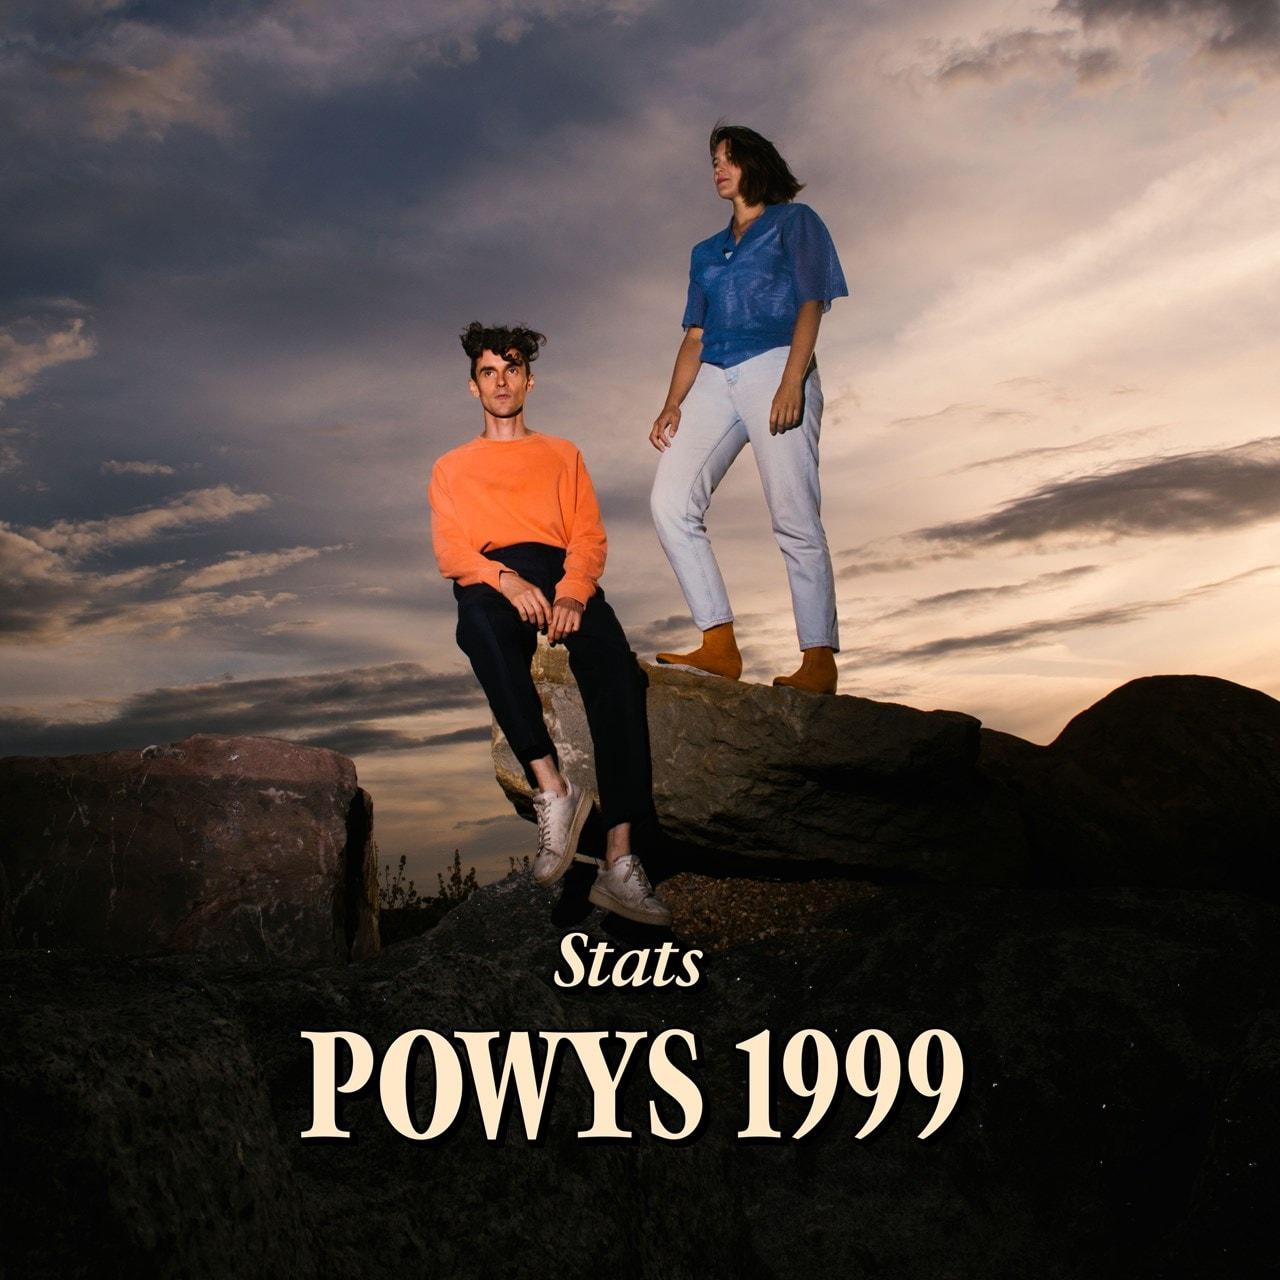 Powys 1999 - 1